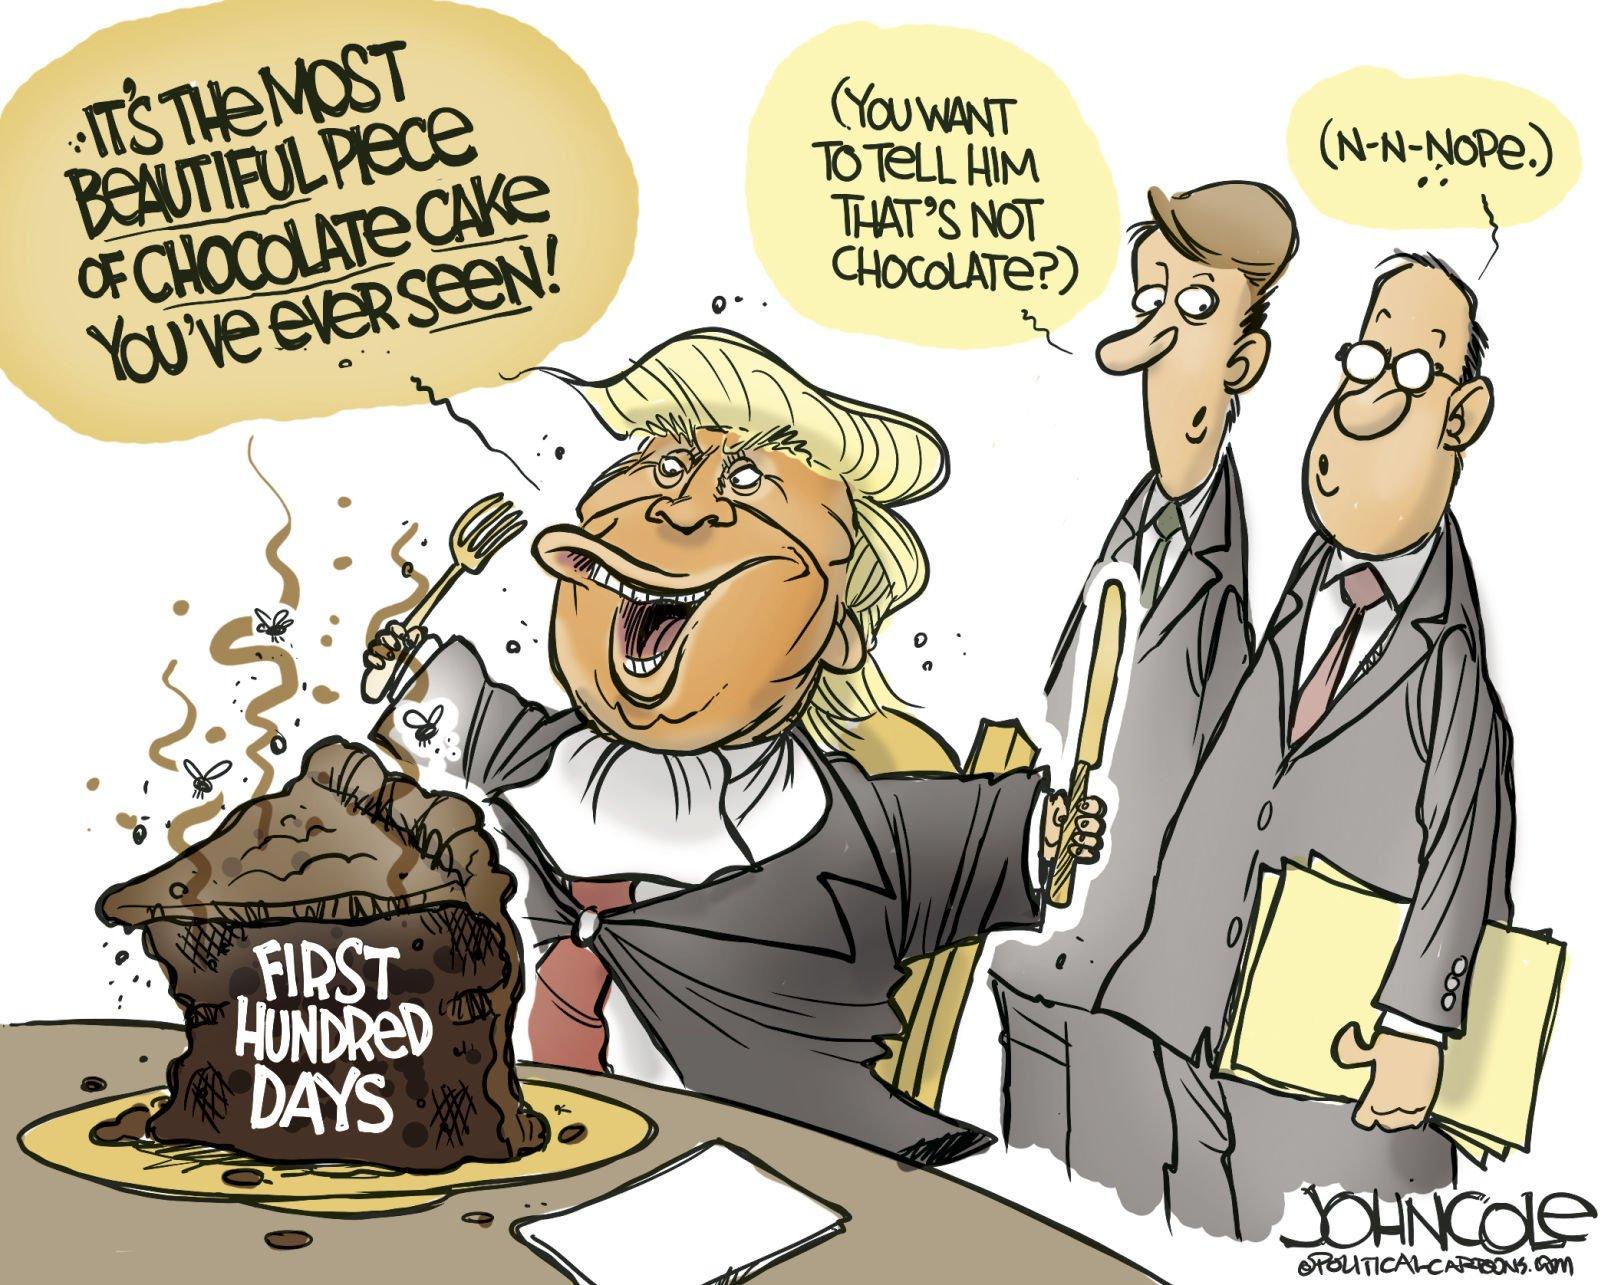 Chocolate cake by John Cole PoliticalCartoons.com  sc 1 st  Globe Gazette & Political cartoons: 100 days prom taxes Russia France | Column ... memphite.com